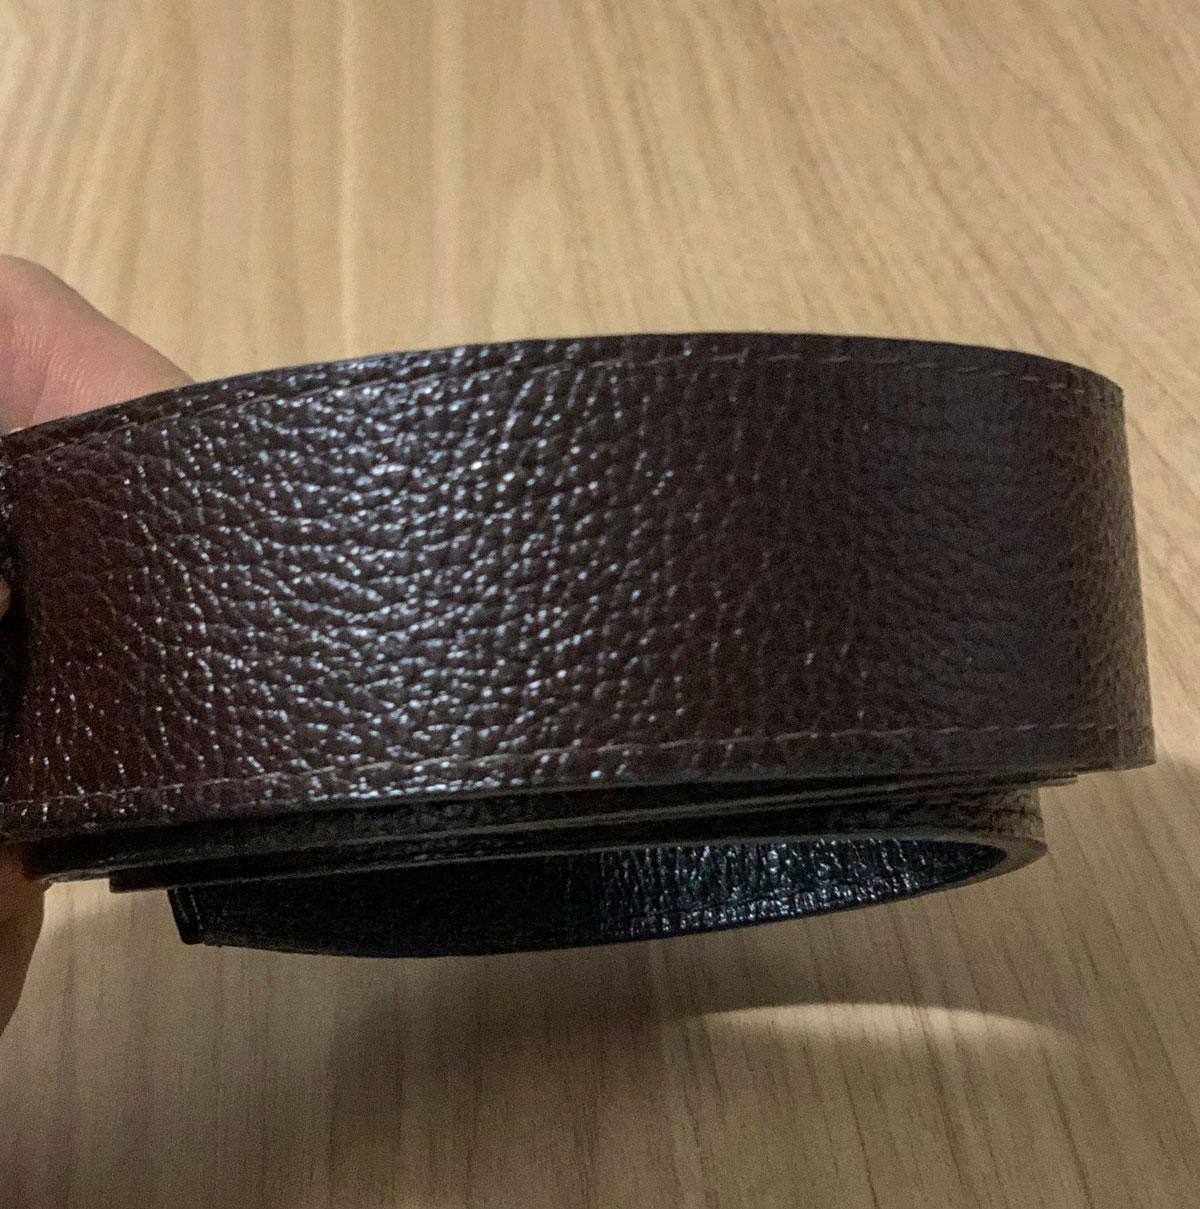 Cinto de Couro Legítimo Executivo - Dupla Face | Preto | Chocolate 1,10m x 3,1cm